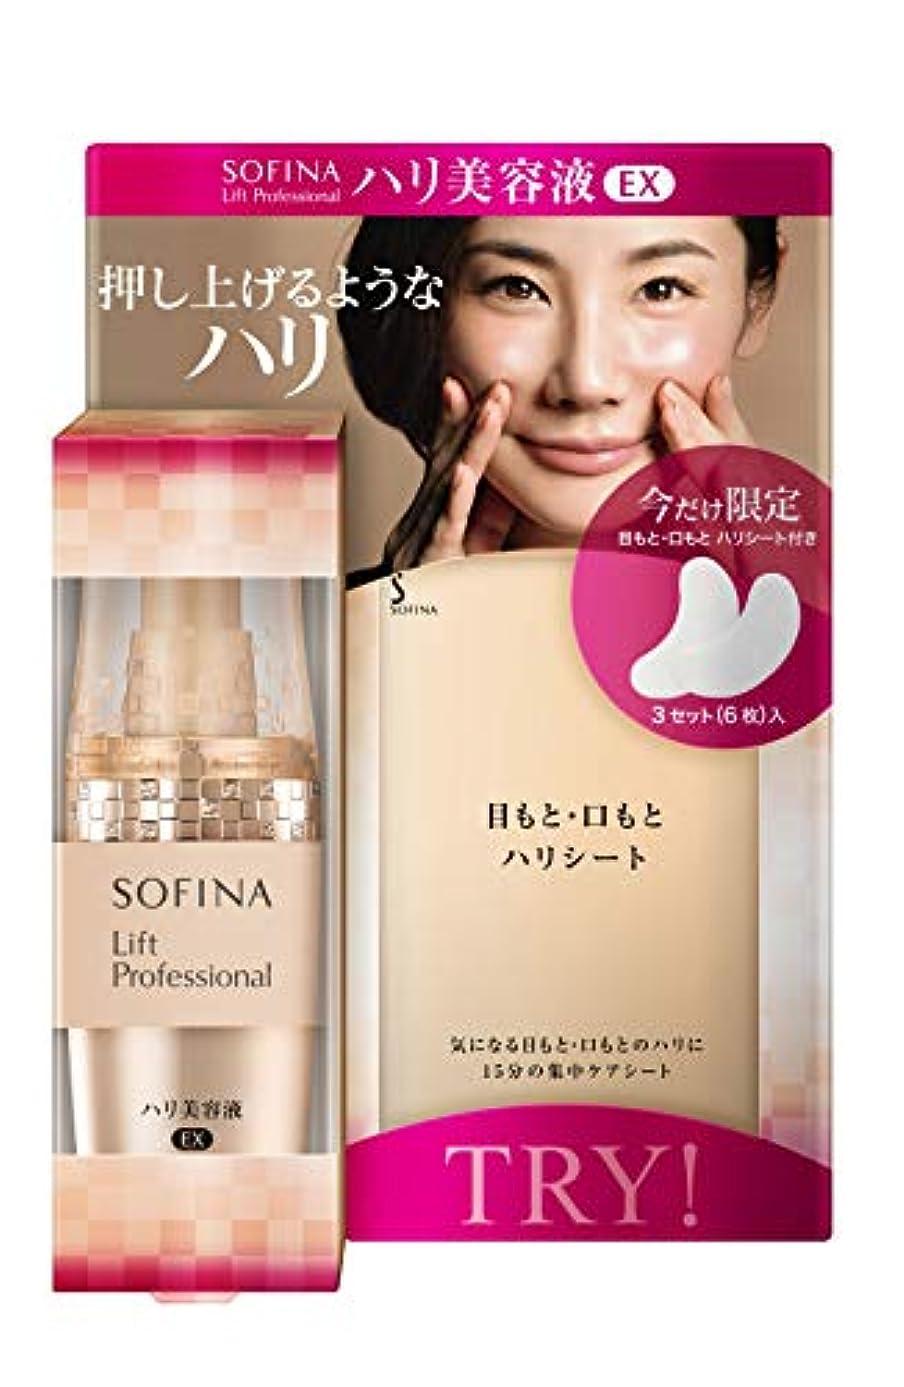 解釈的スキーム抑圧するソフィーナ リフトプロフェッショナル ハリ美容液EX 目もと口もとハリシート付